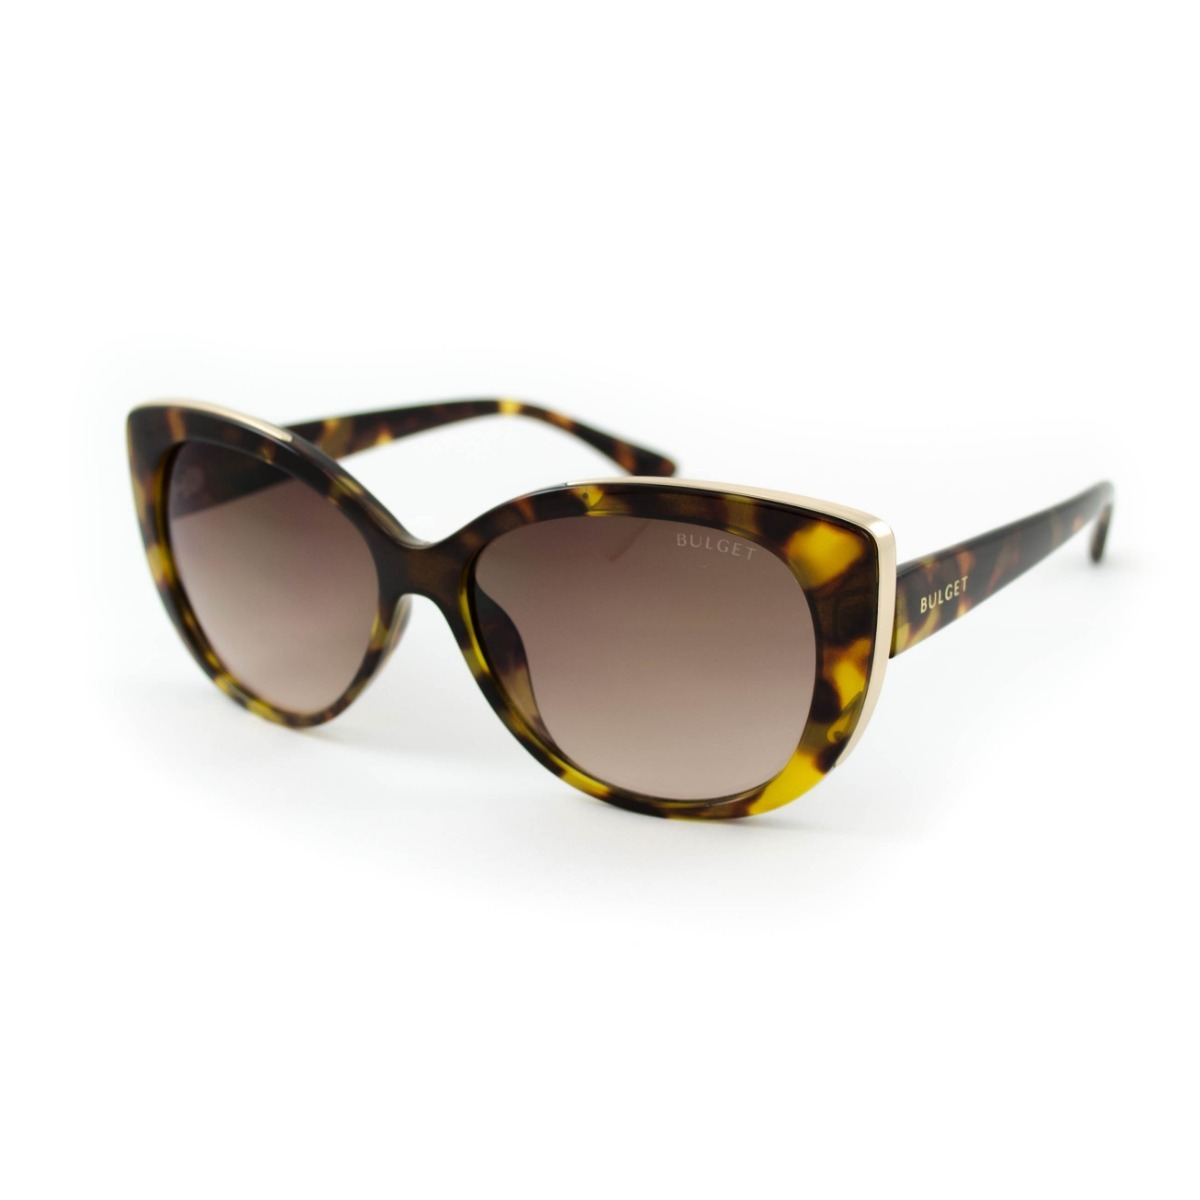 772739ad08ed8 Óculos De Sol Bulget - Bg5162 G21 - Marrom - R  199,99 em Mercado Livre